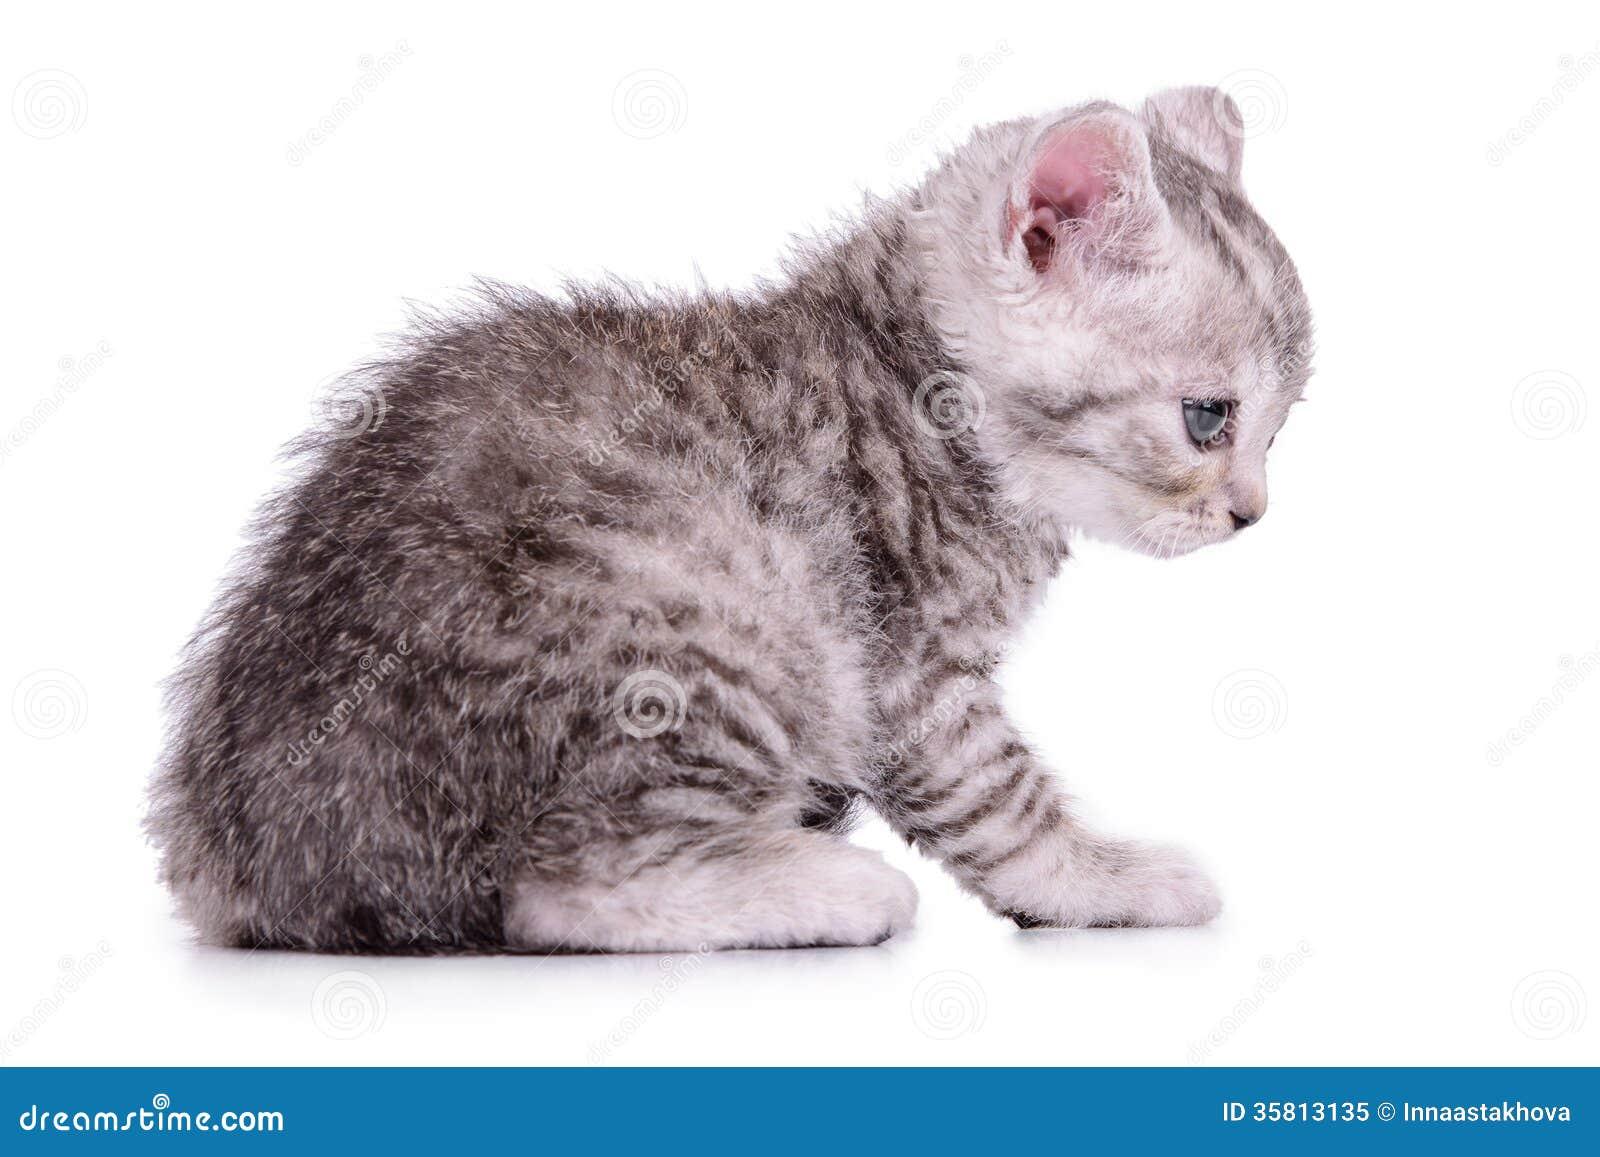 cat d3 dozer for sale